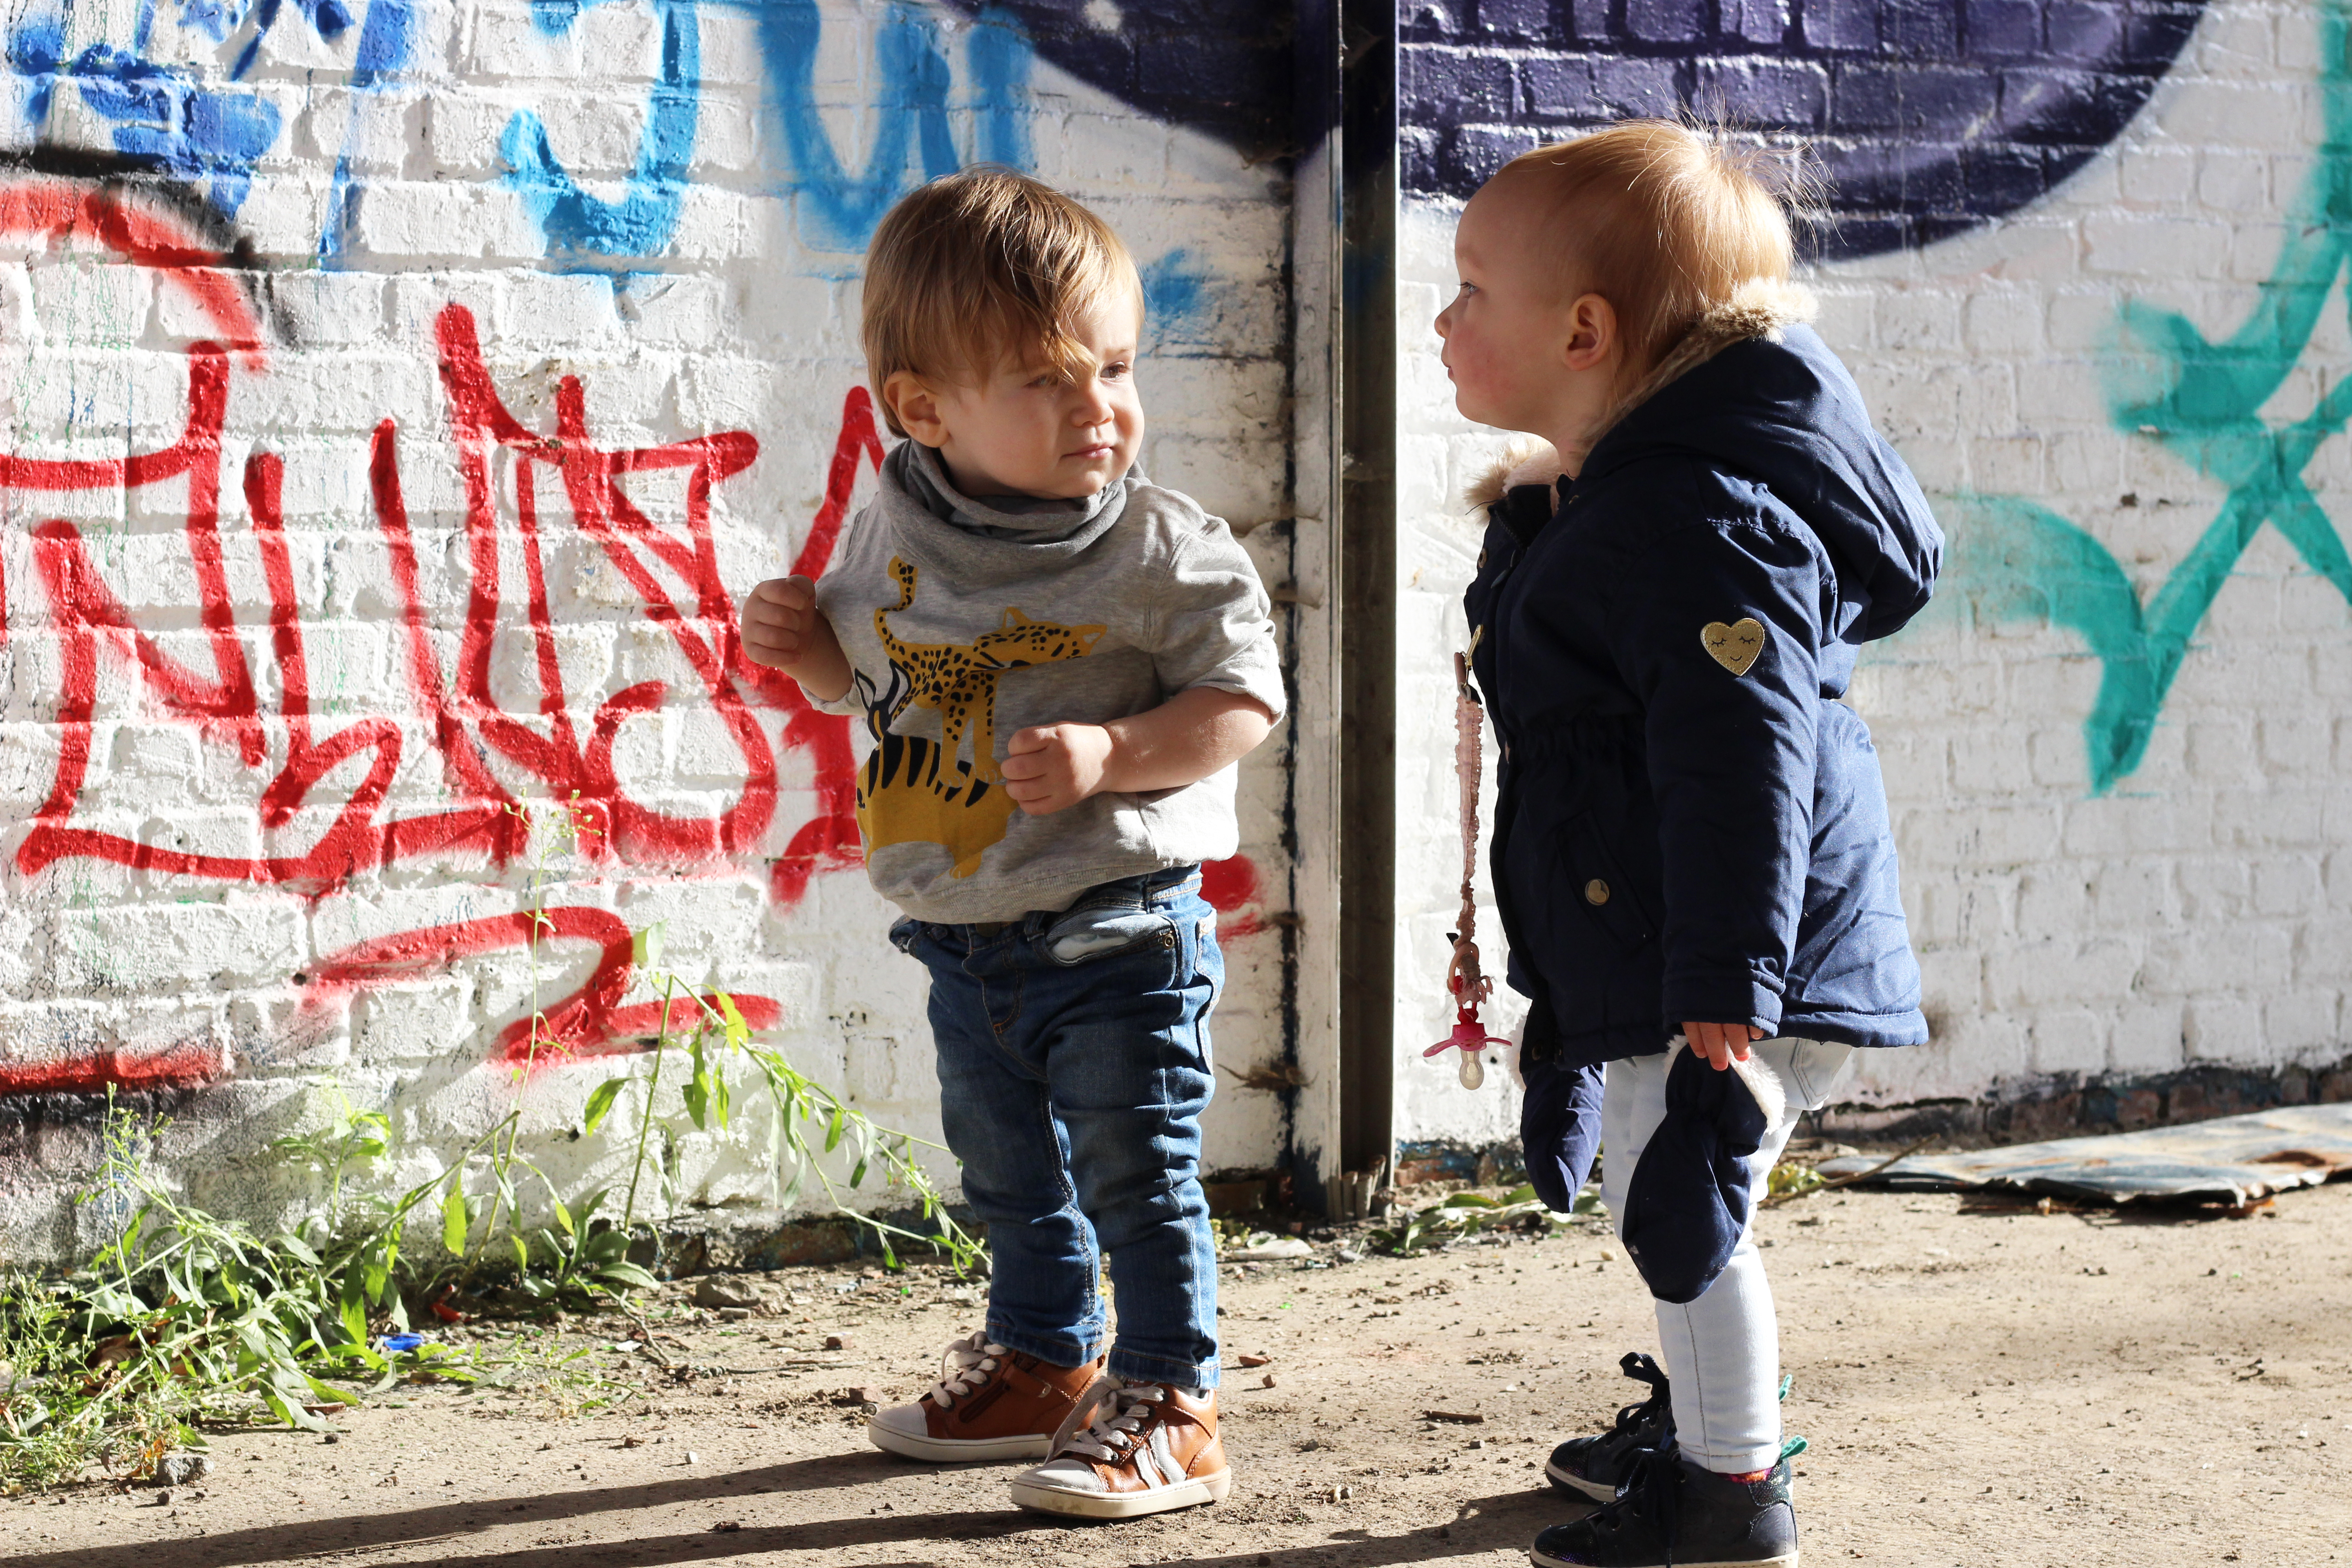 Doel gezinsuitstap peuter graffiti